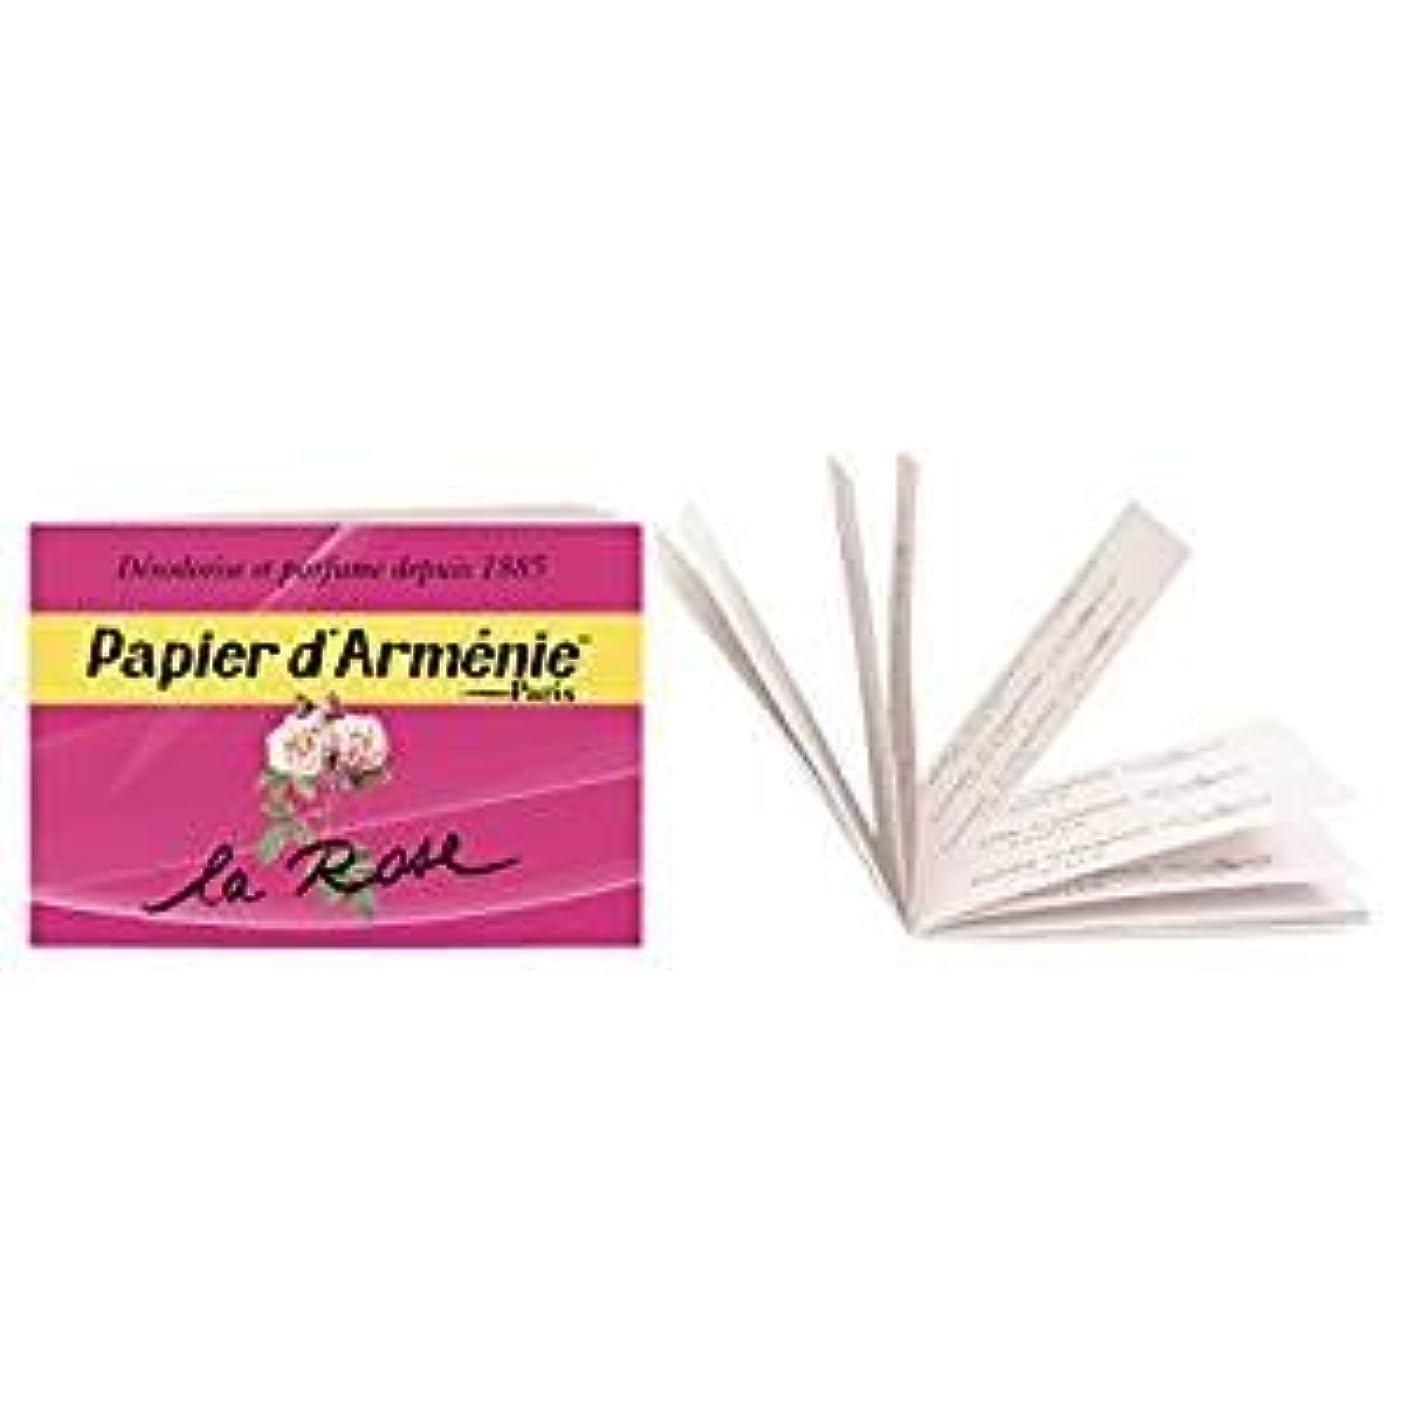 接続された許可する上に築きますPapier d'Arménie パピエダルメニイ ローズ 紙のお香 フランス直送 [並行輸入品] (1個)